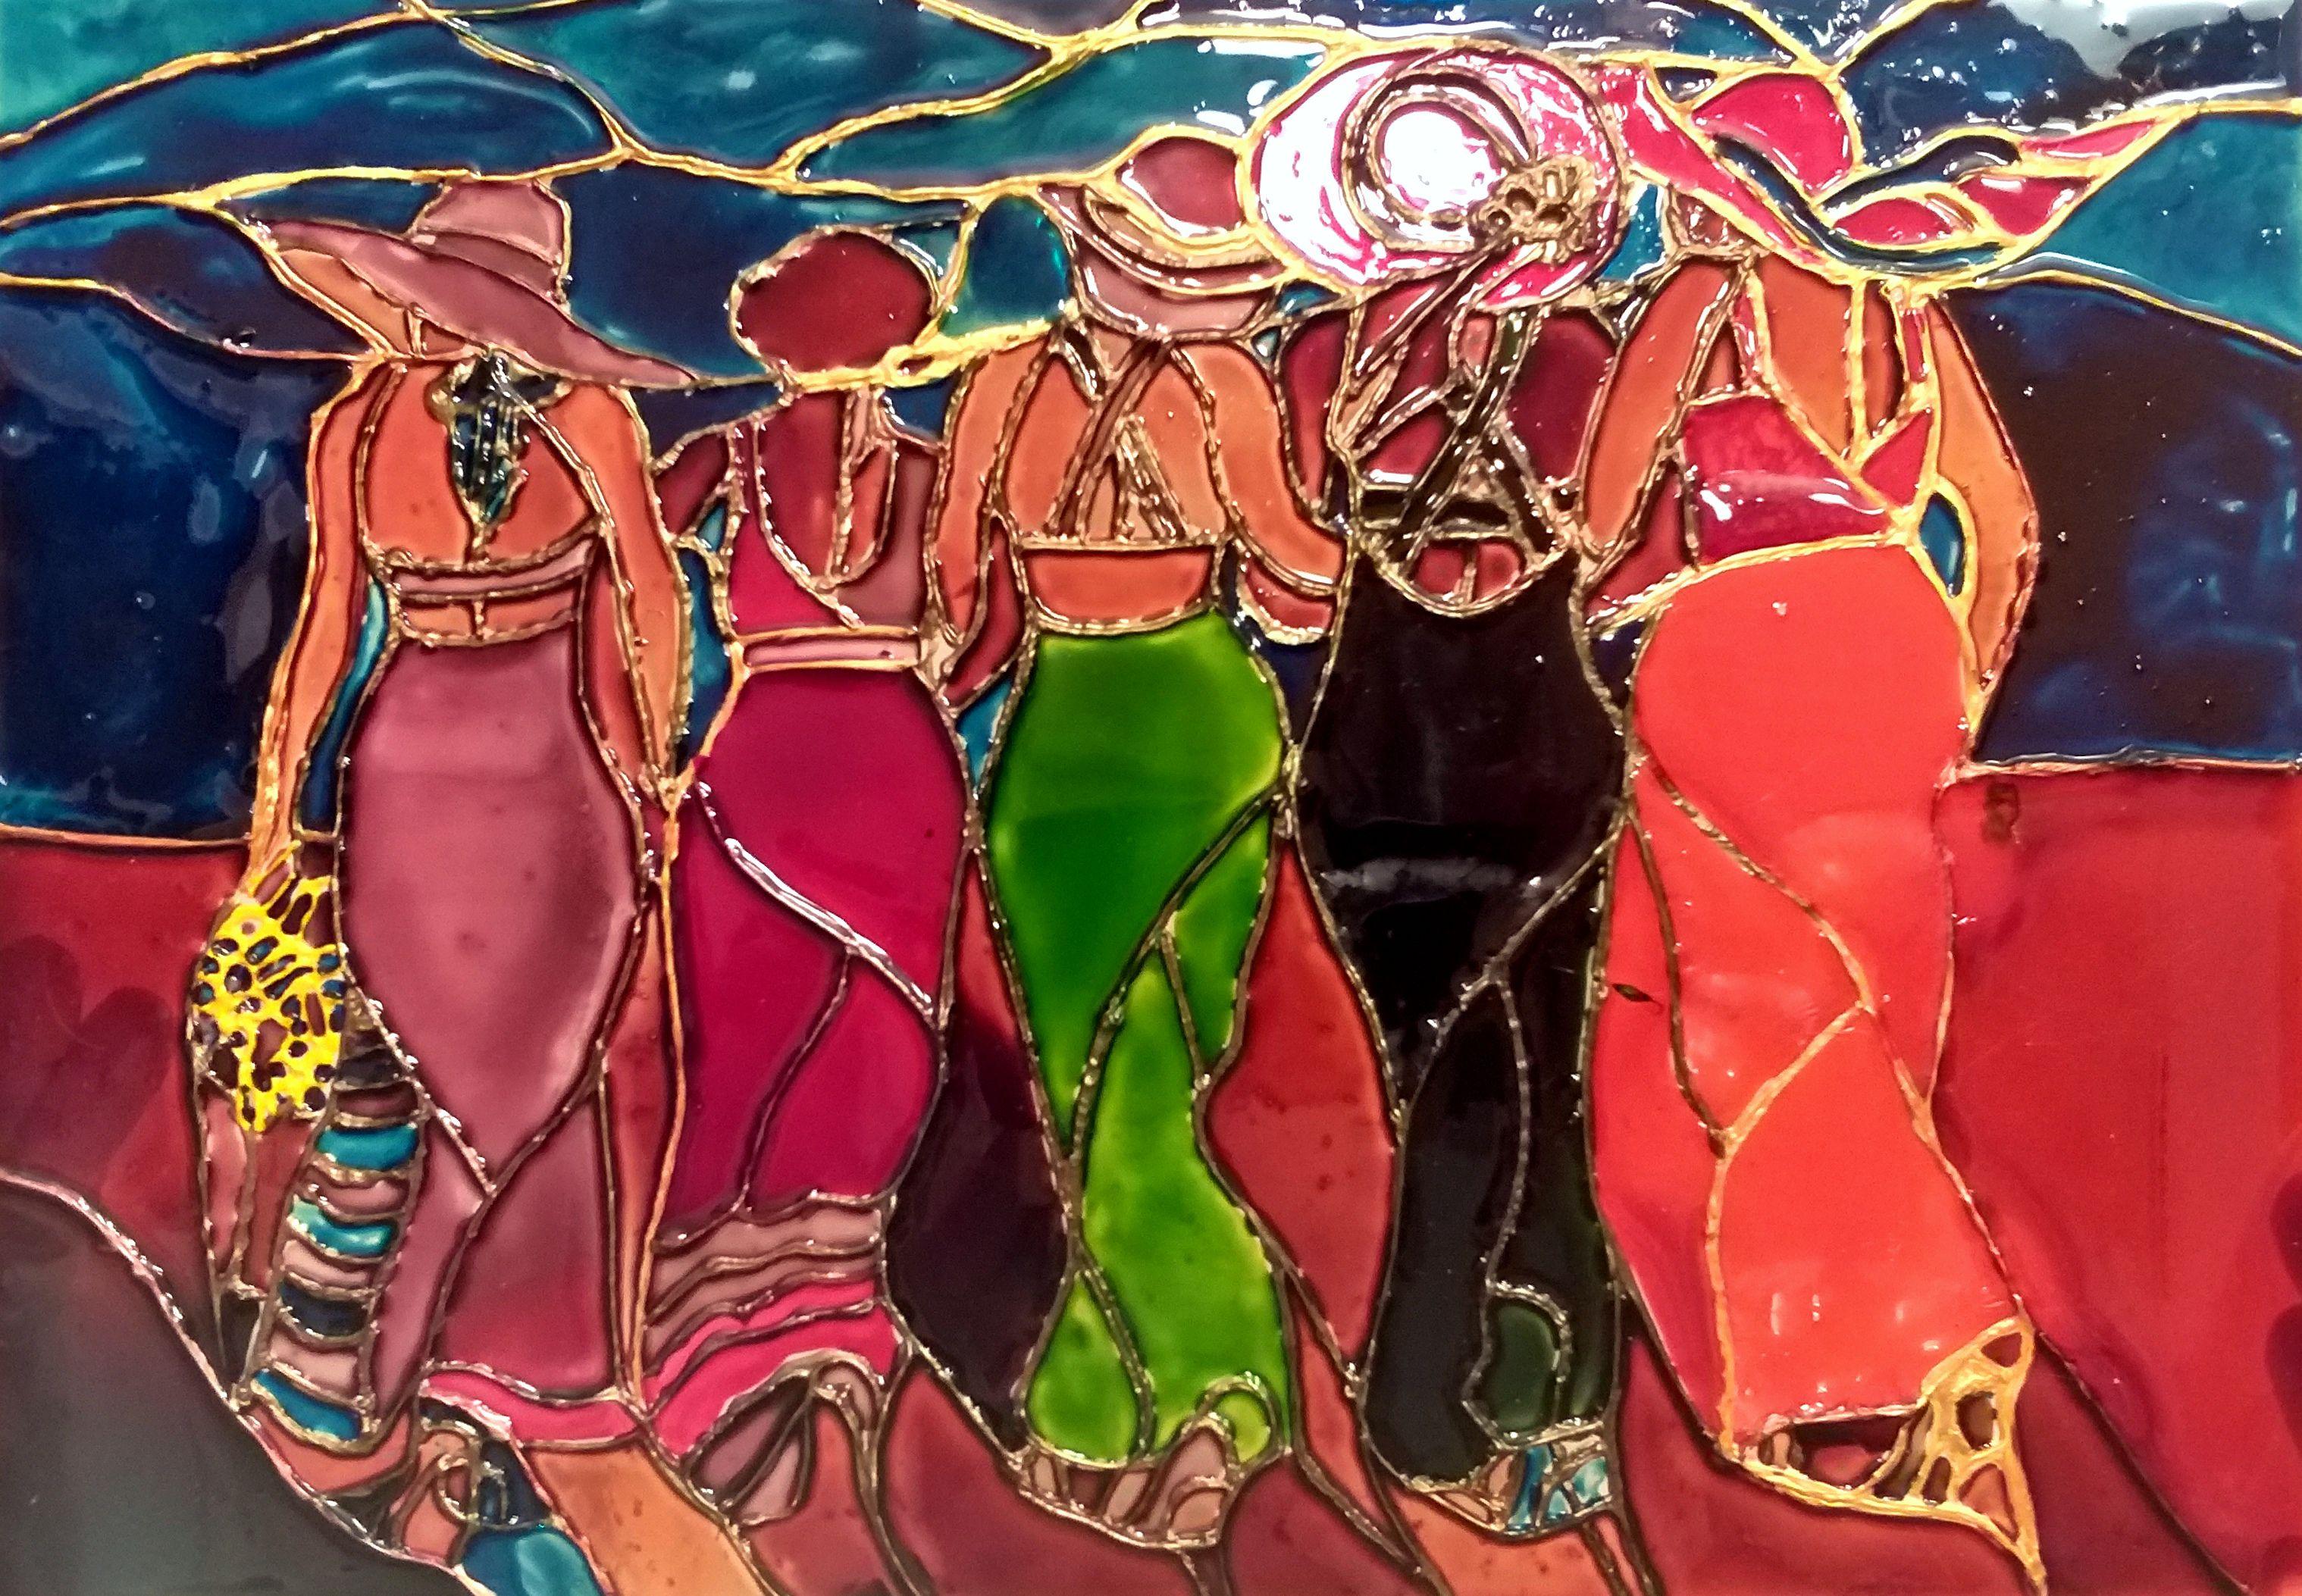 картина витражная пожруги траж роспиь шляпа прогулка стекло